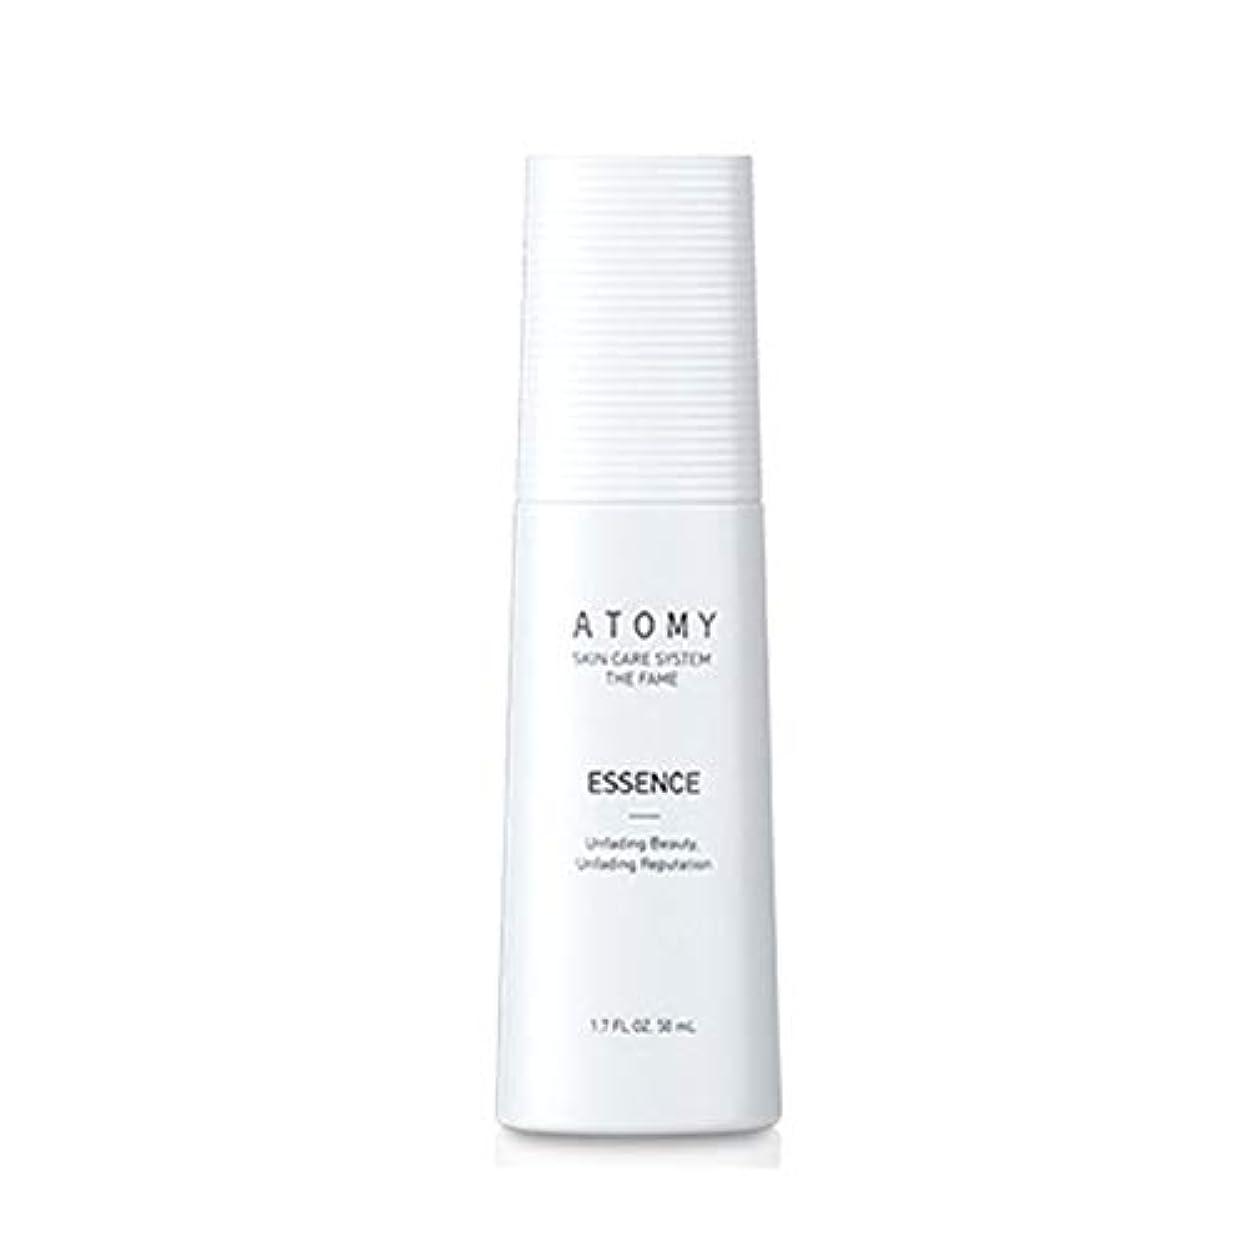 鷲人質台風アトミザ?フェームエッセンス50ml韓国コスメ、Atomy The Fame Essence 50ml Korean Cosmetics [並行輸入品]